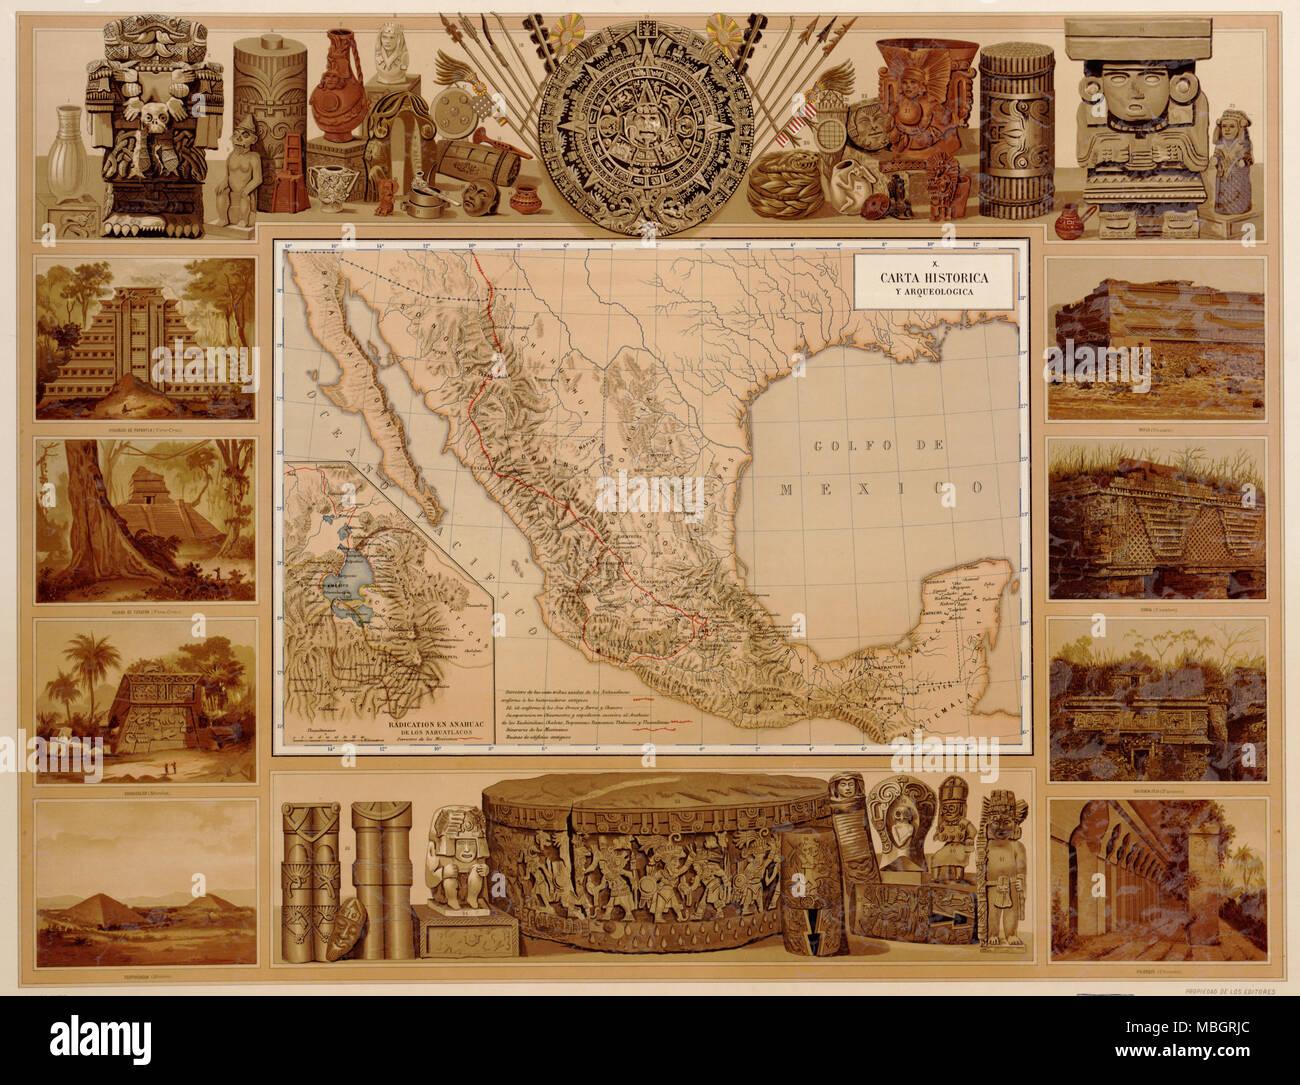 Artefactos históricos de México indio del pasado - 1885 Imagen De Stock